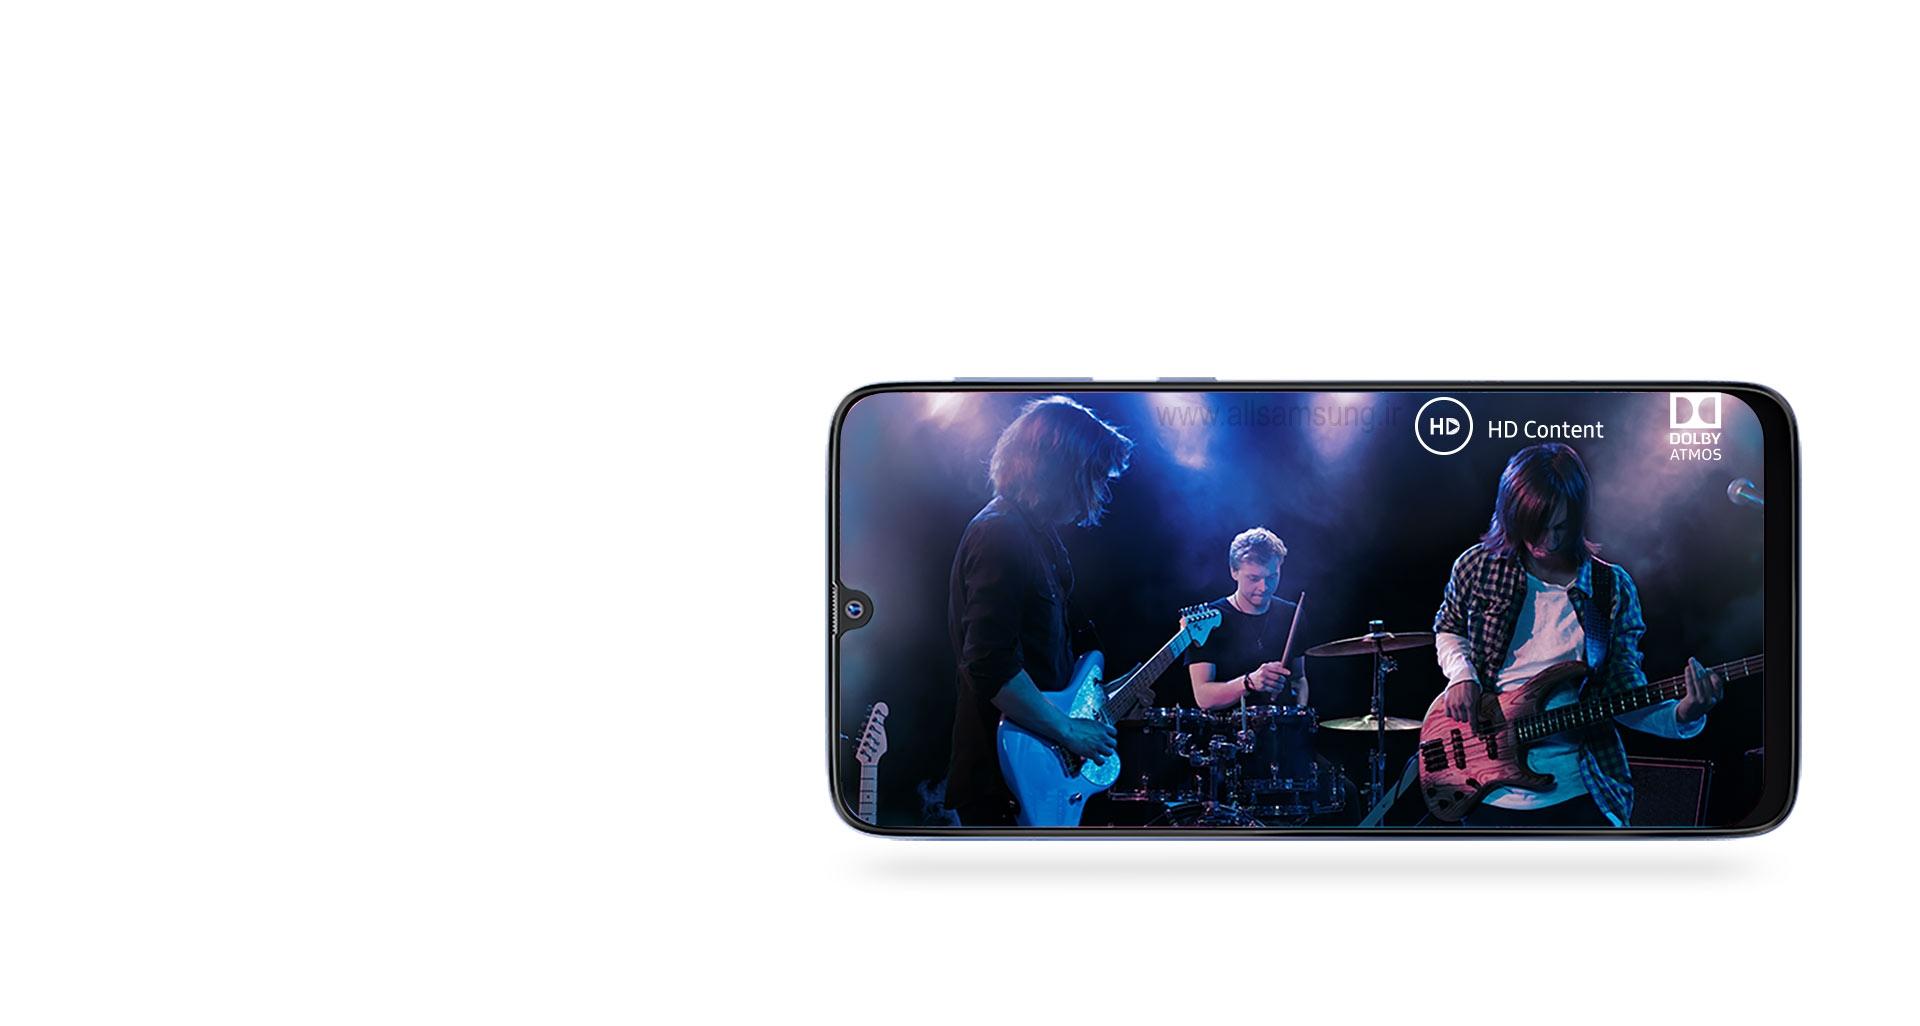 گوشی سامسونگ m30 با تأییدیه Widevine L1 و تکنولوژی Dolby ATOMS